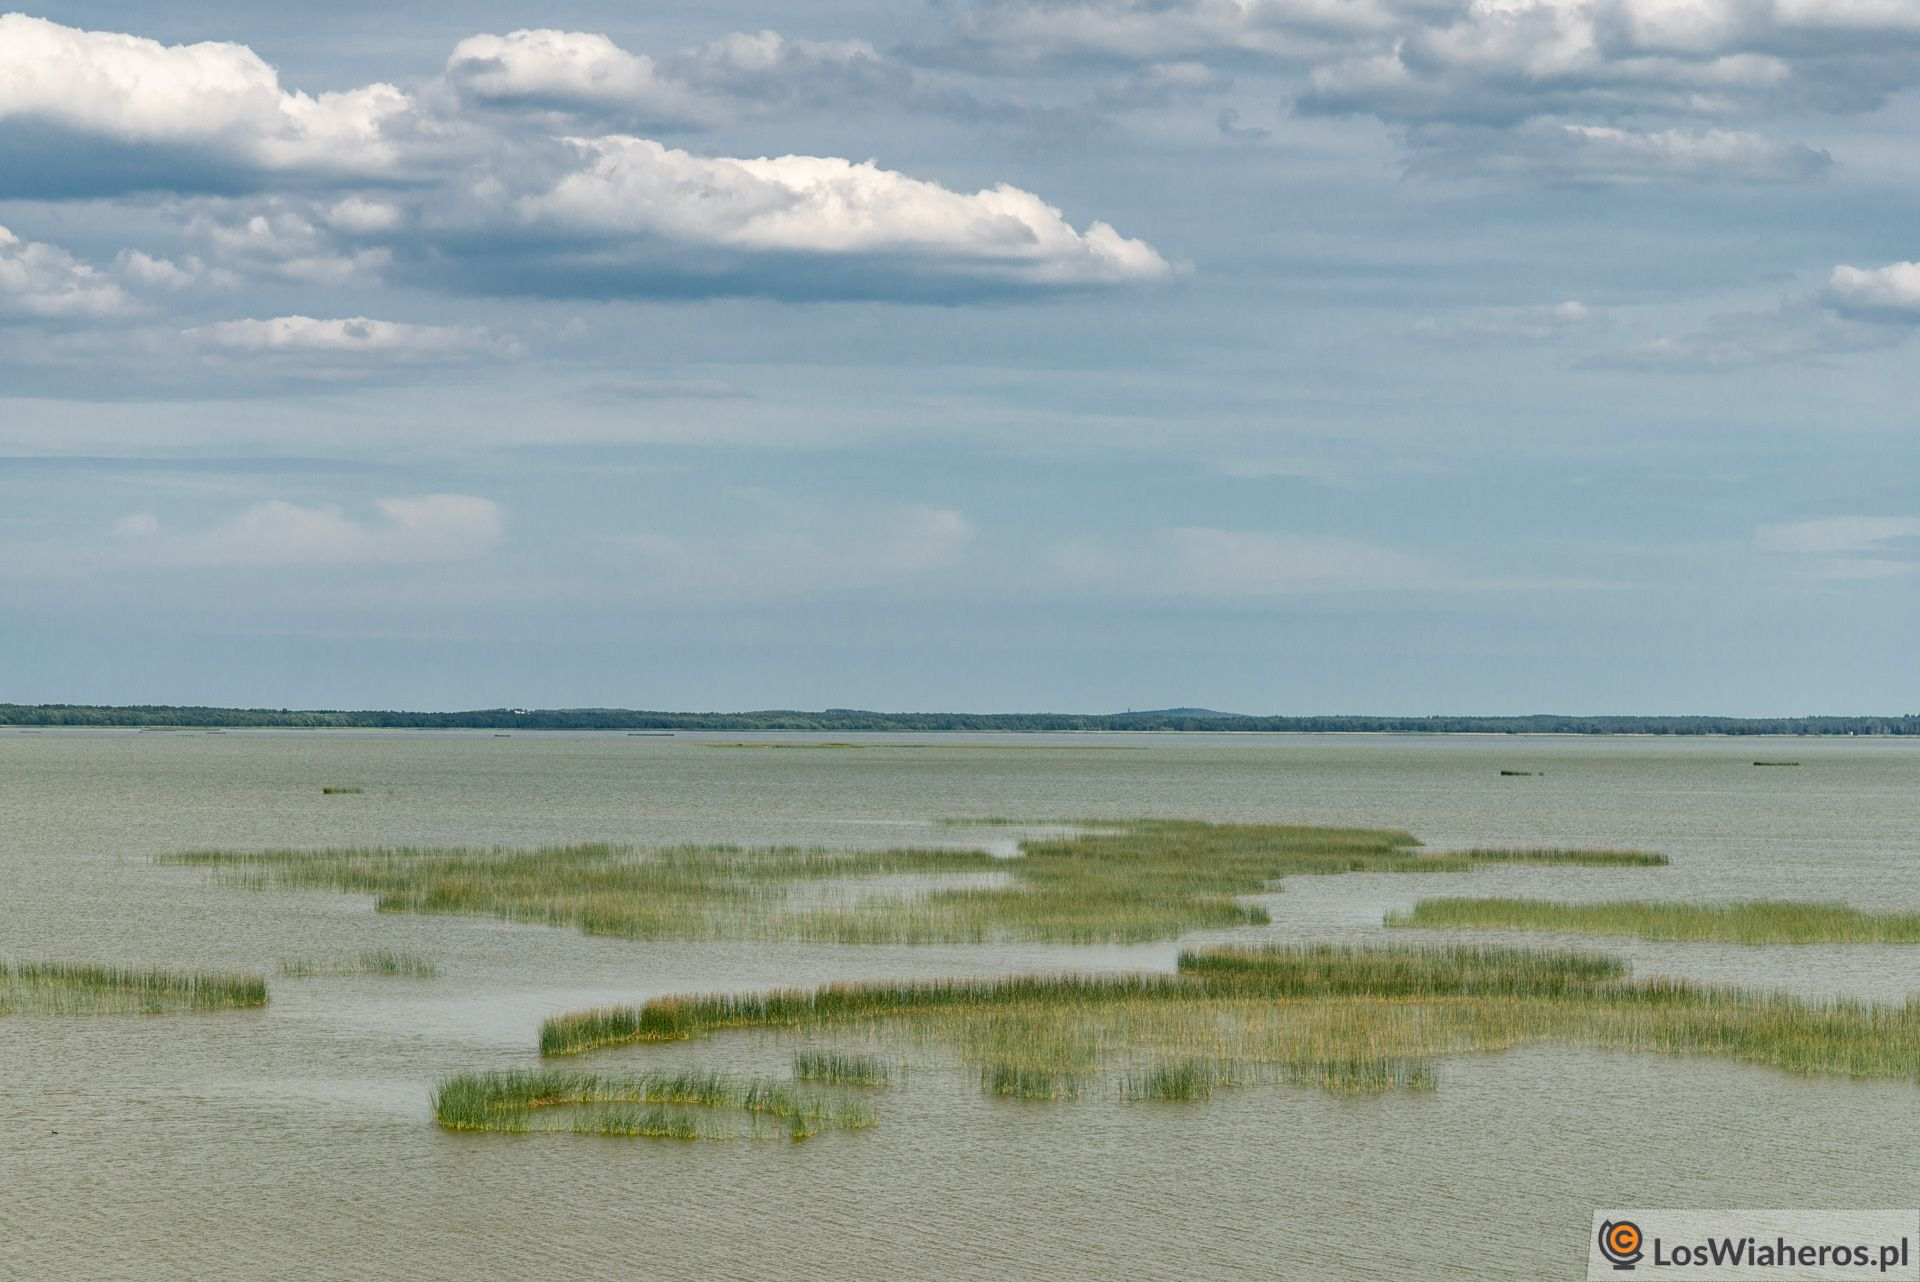 Południowo-zachodnia strona Jeziora Gardno, atym samym granica Słowińskiego Parku Narodowego - widok zwieży widokowej koło Rowów.